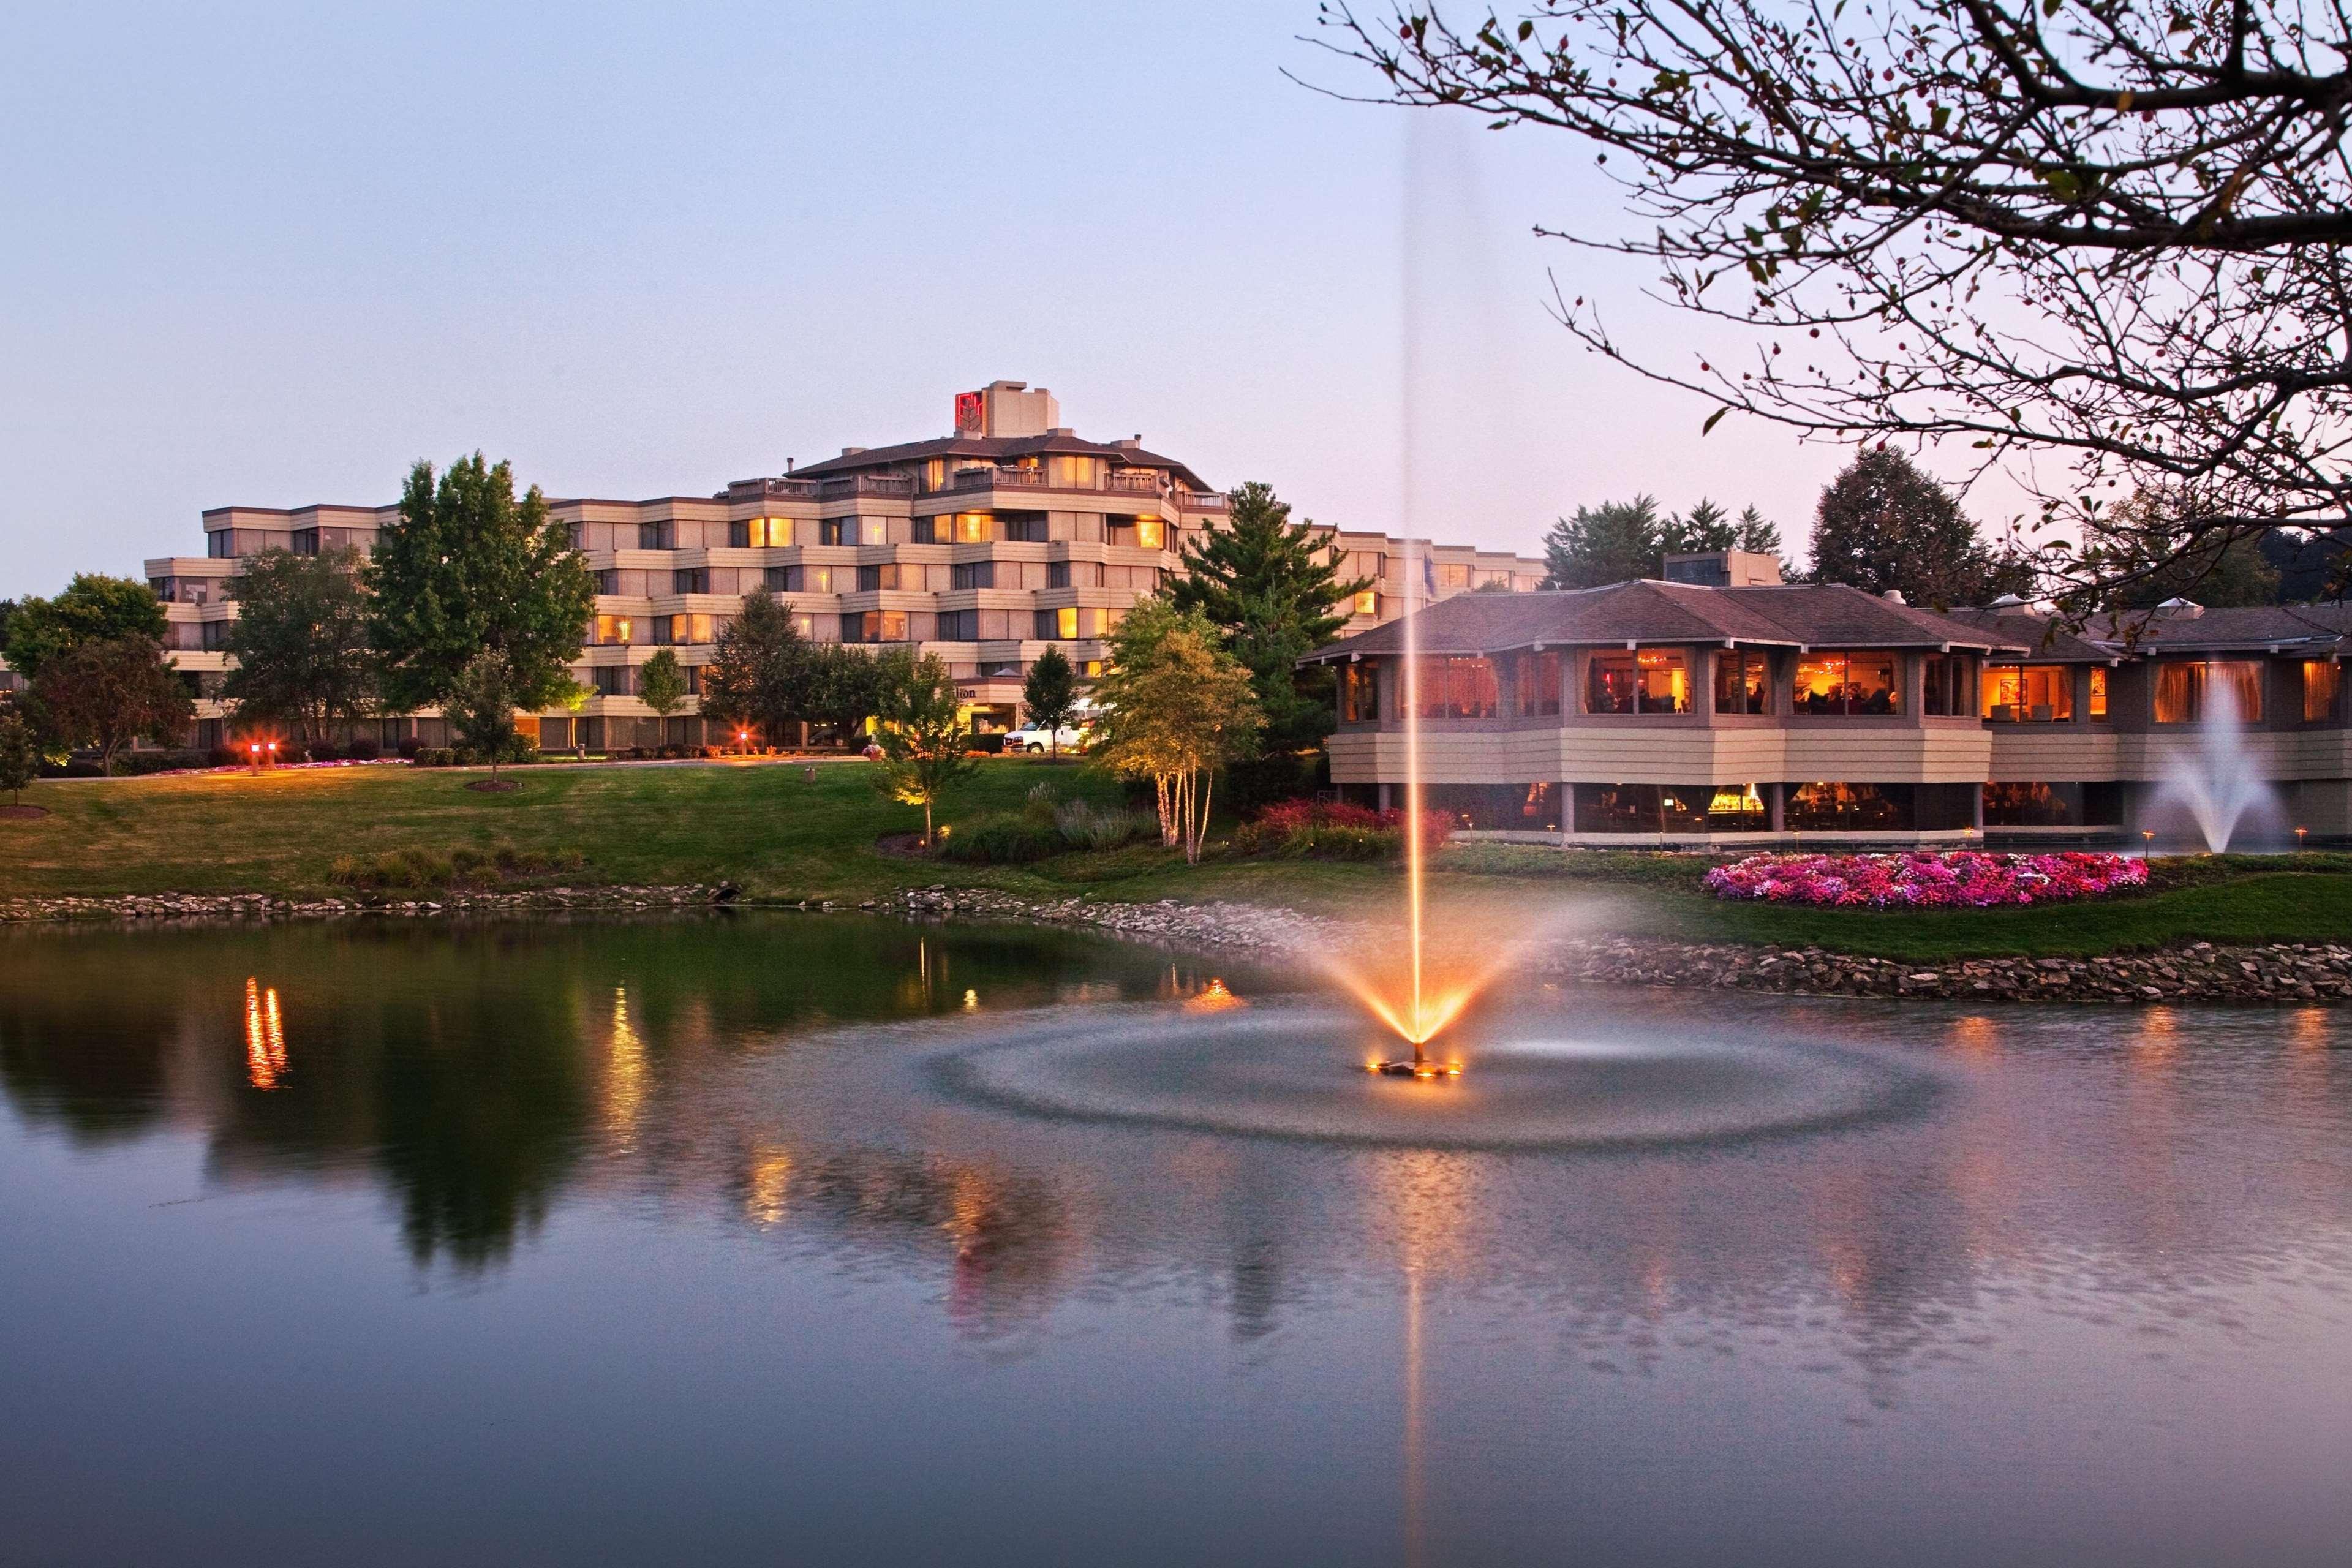 Hilton Chicago Indian Lakes image 0